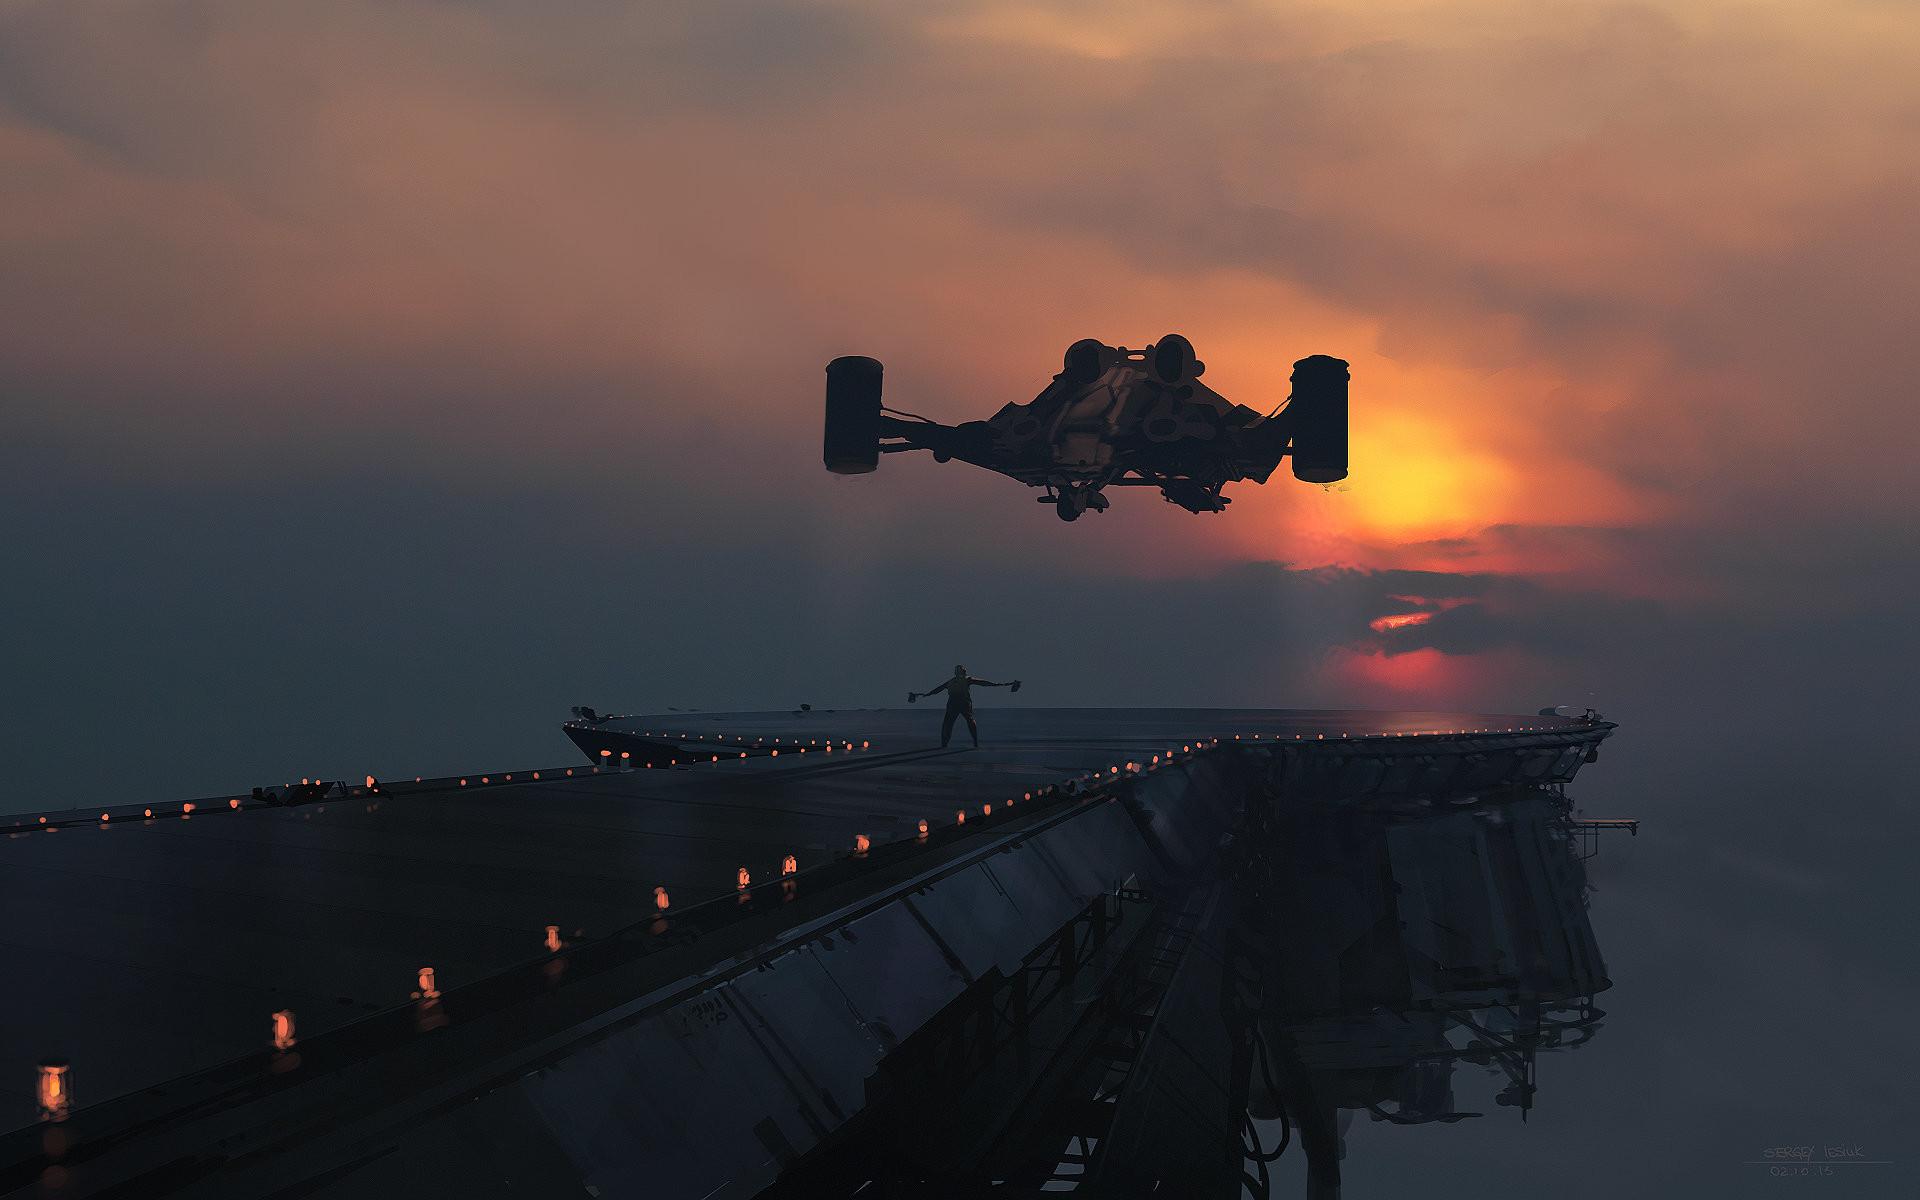 sergey-lesiuk-landing-field-by-sergey-le